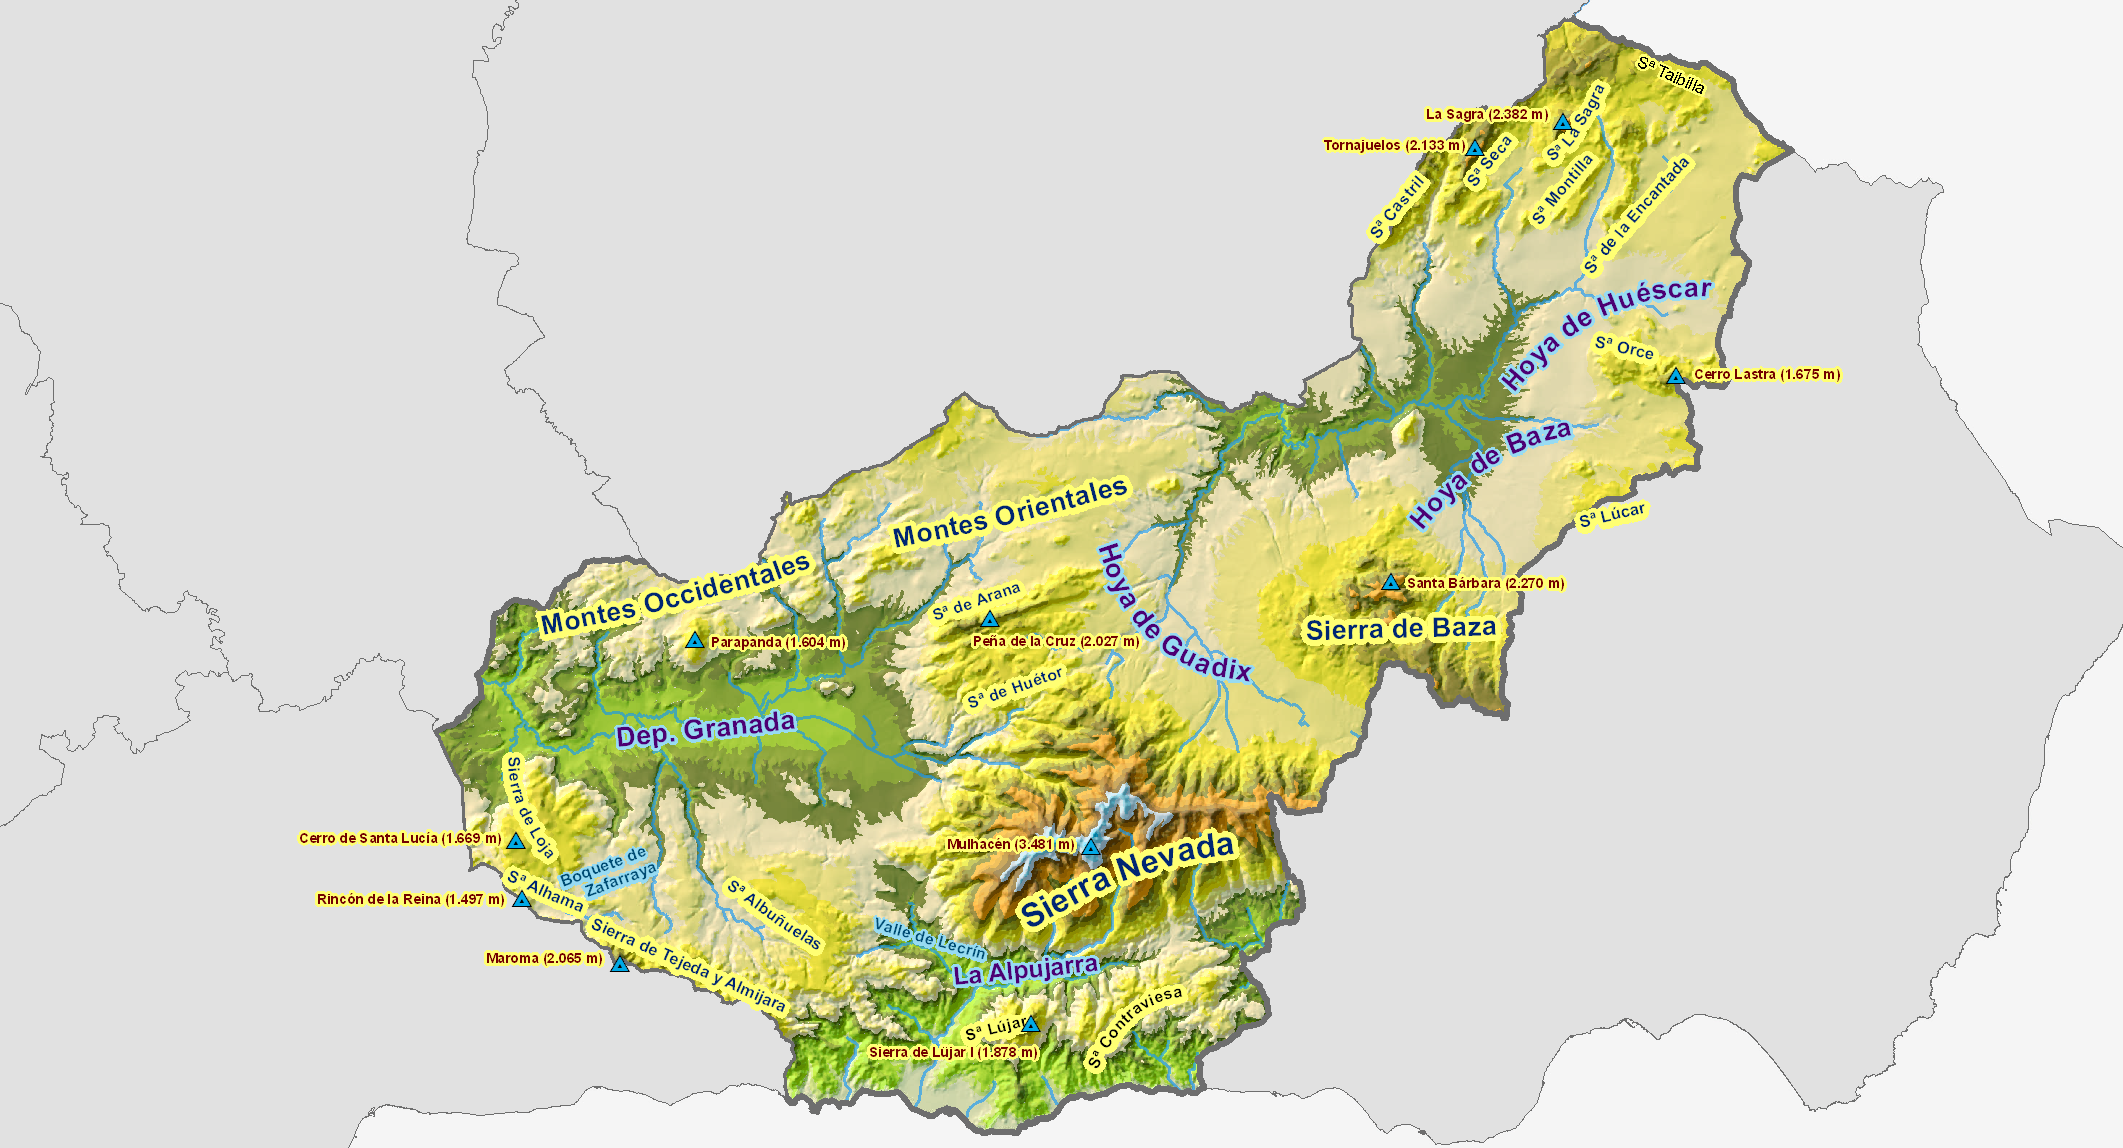 Mapa físico de la Provincia de Granada 2008